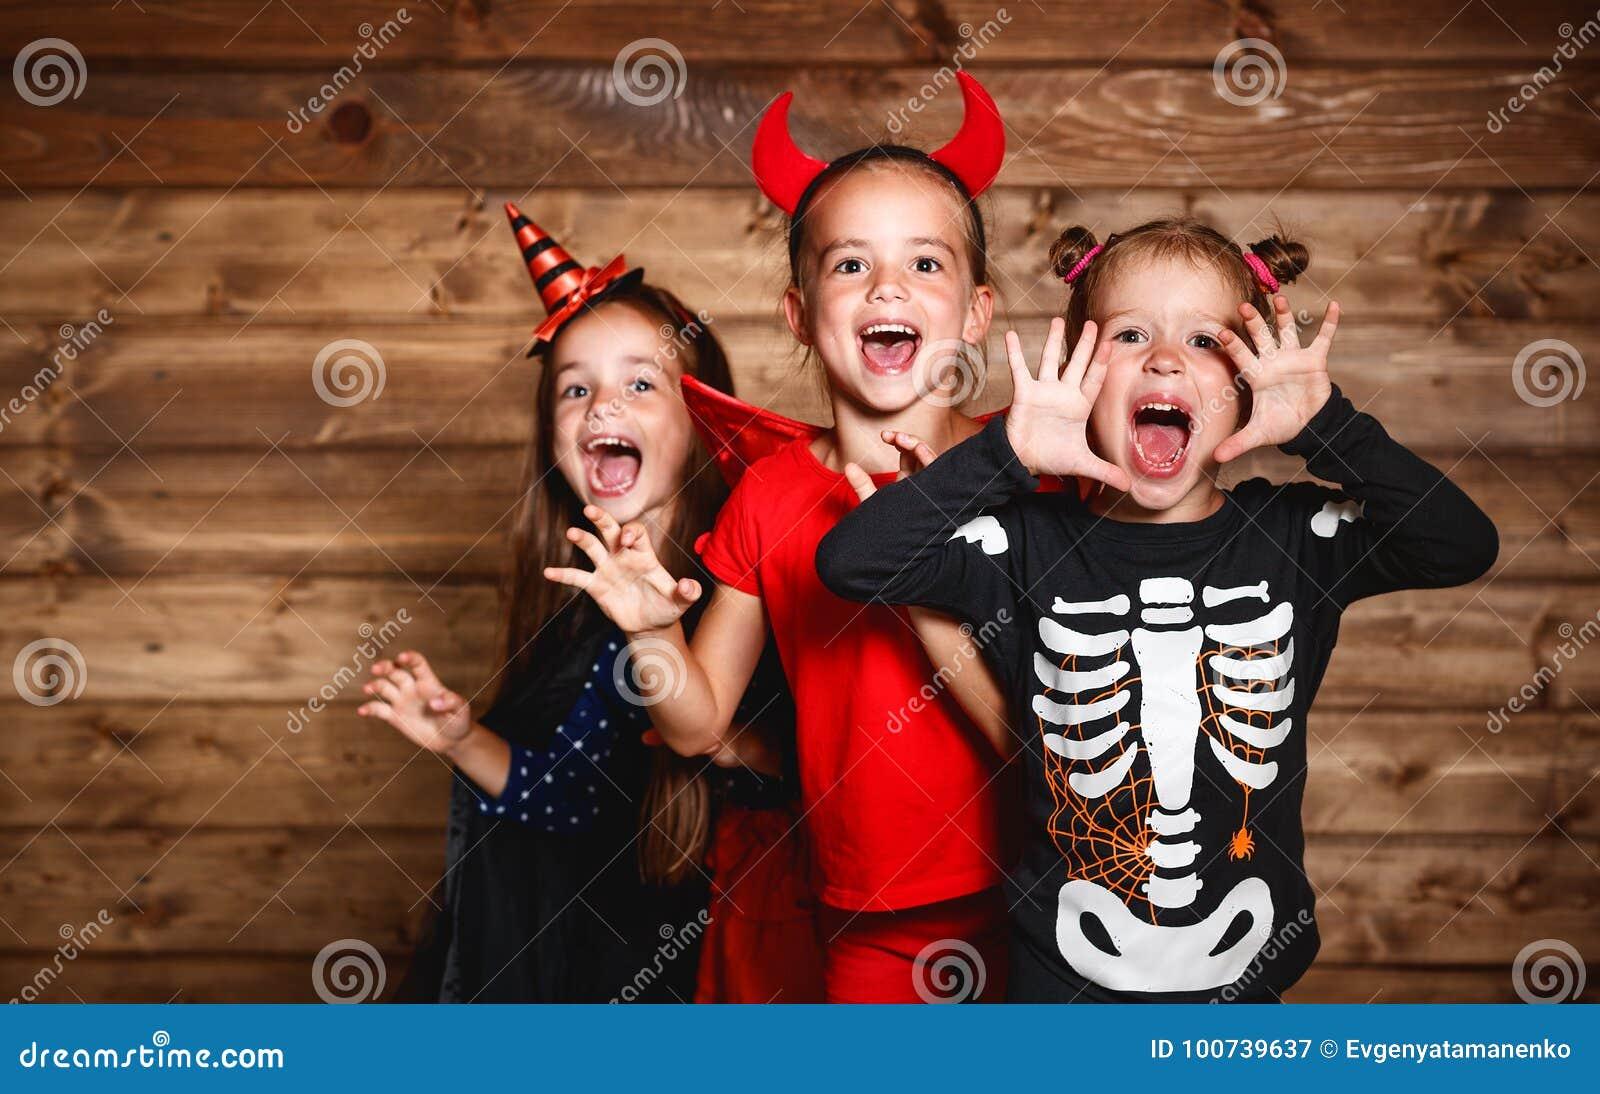 vendita di liquidazione godere del prezzo più basso in vendita Festa Halloween Bambini Divertenti Del Gruppo In Costumi Di ...